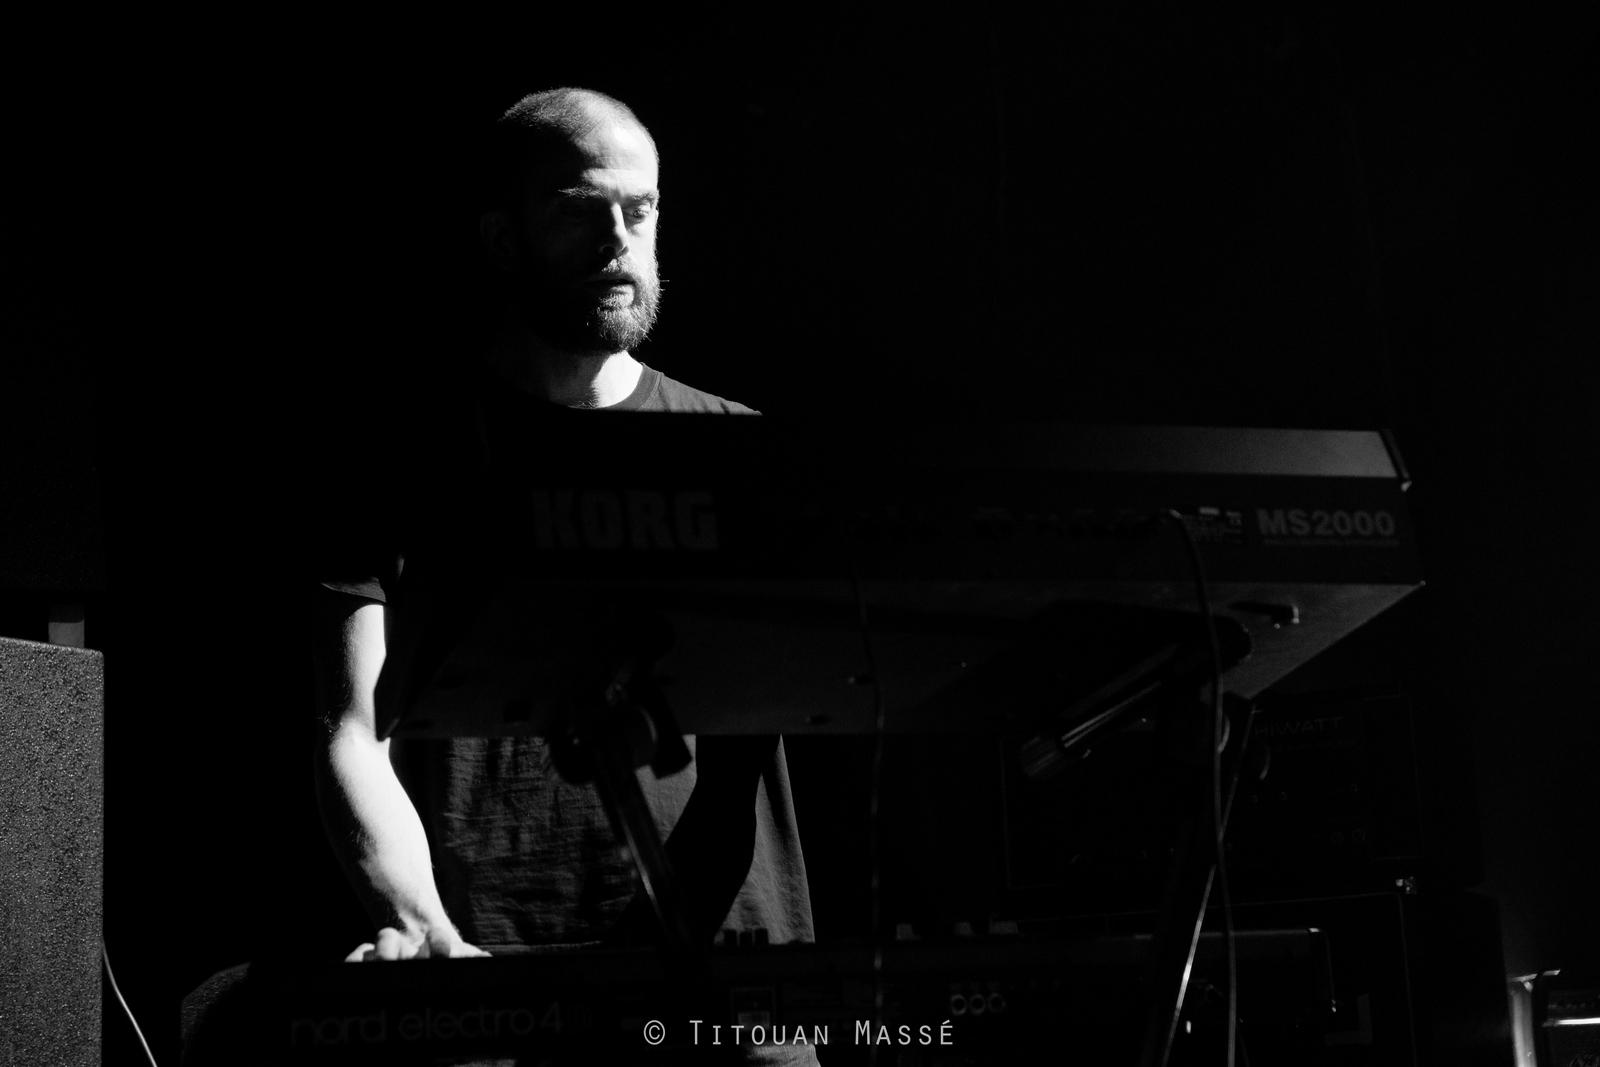 Critique du concert de Ty Segall Band de Drag City Records et J.C. Satàn de Born Bad Records en concert à La Coopérative de Mai de Clermont-Ferrand le mardi 28 octobre 2014 accompagné de photos signées Titouan Massé